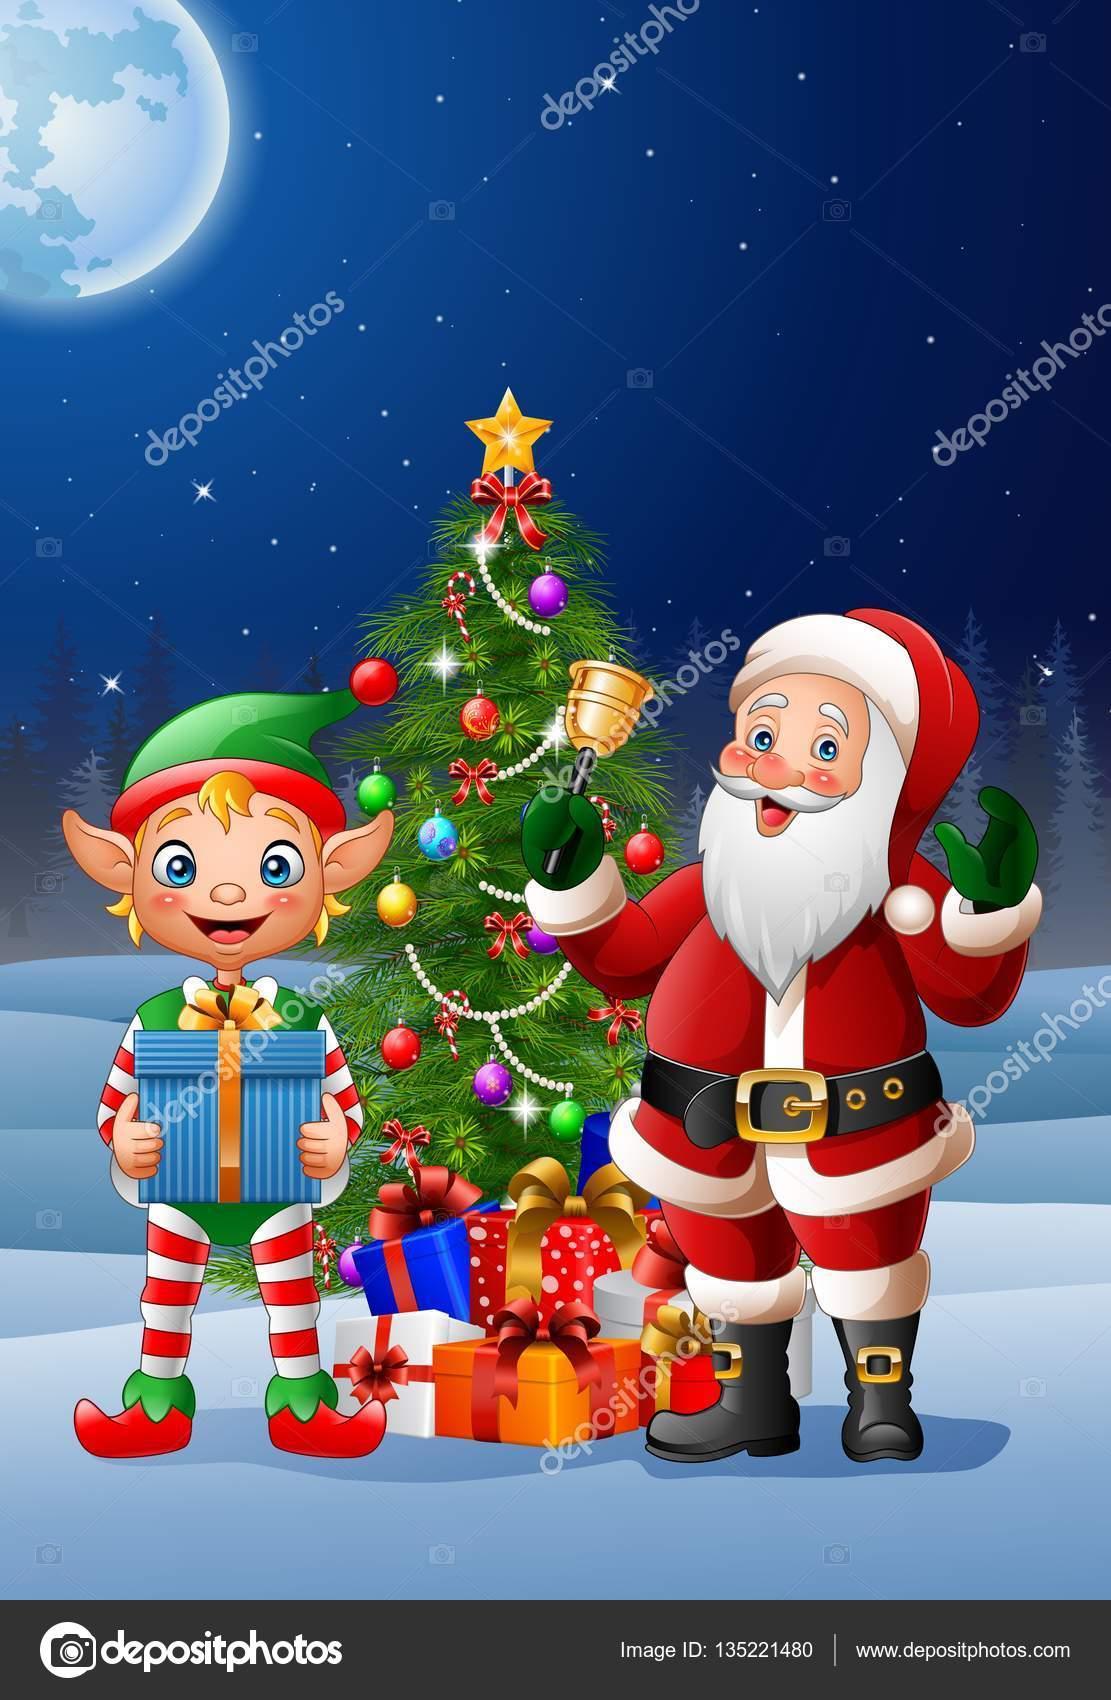 Immagini Di Natale Con Babbo Natale.Sfondo Di Natale Con Babbo Natale Ed Elfo Vettoriali Stock